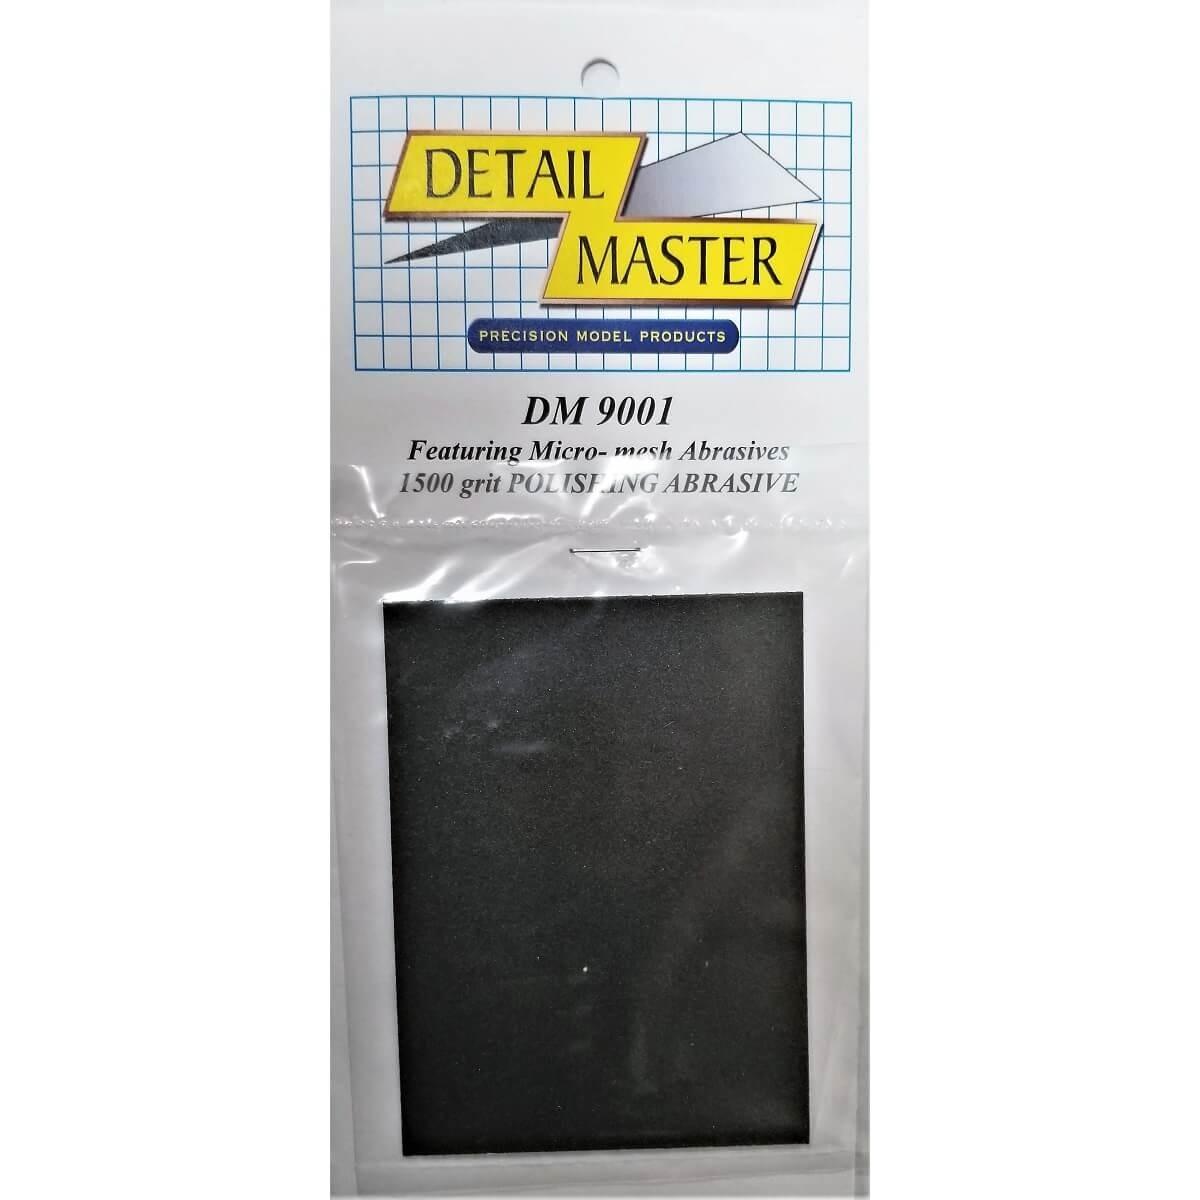 Detail Master 1500 Grit Micro-Mesh Polishing Abrasive